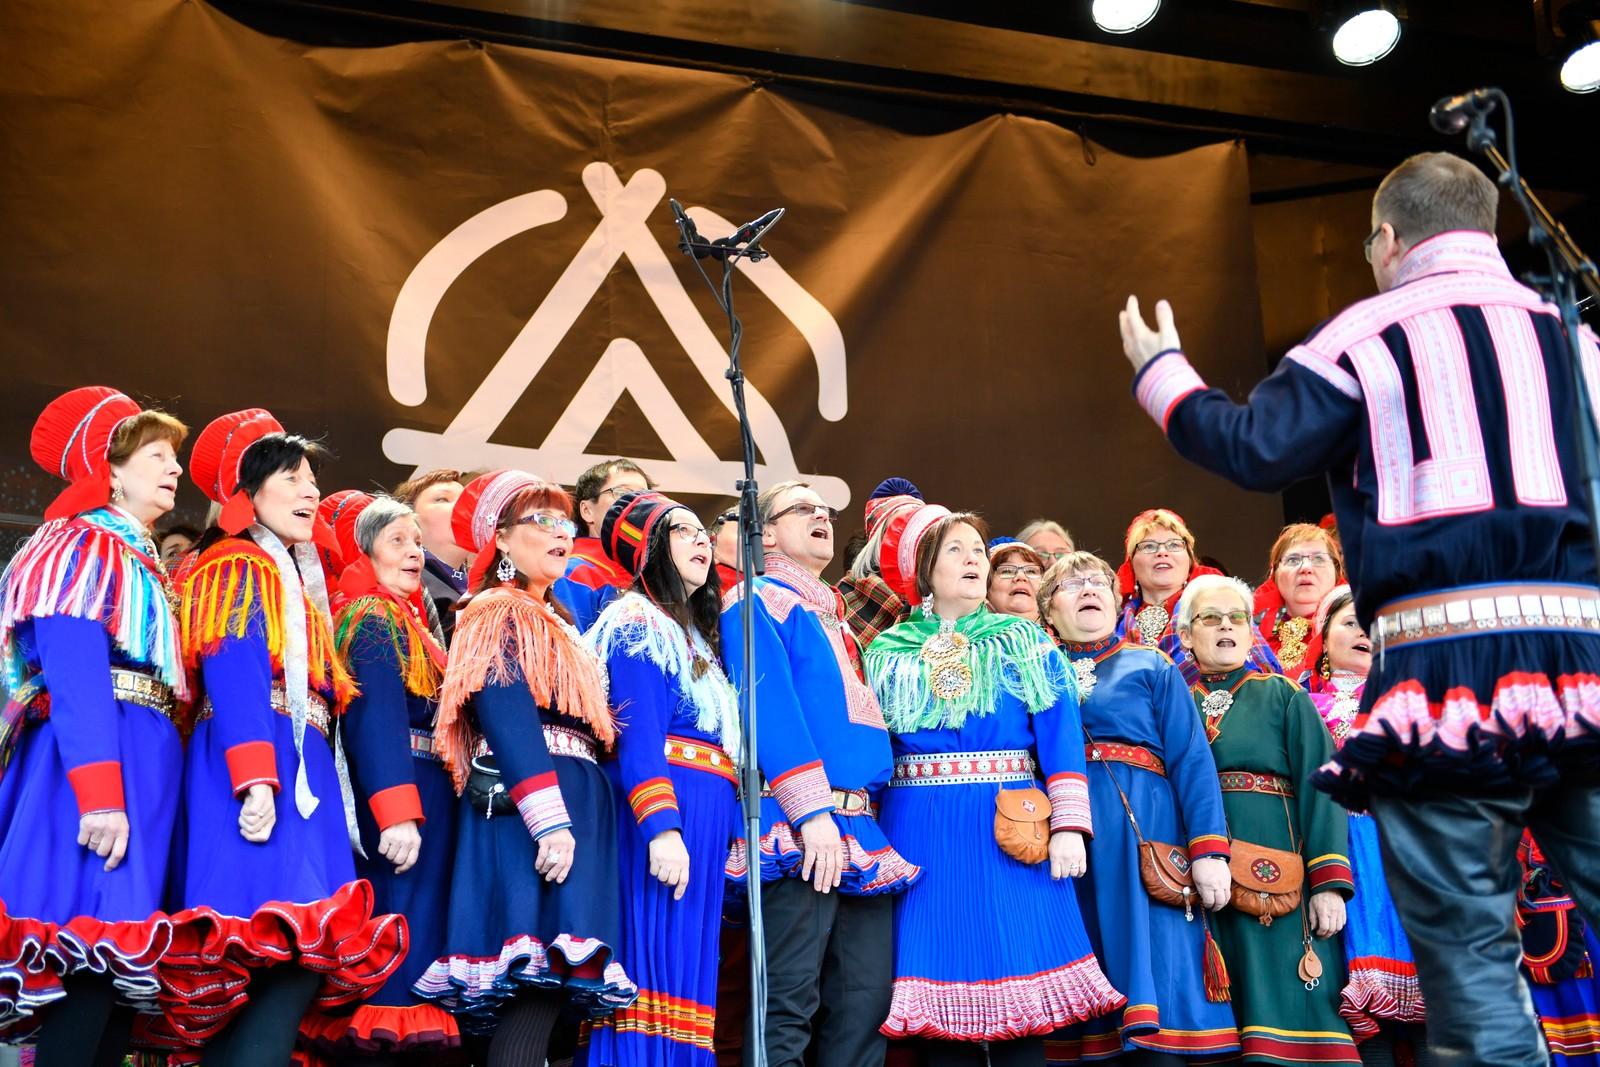 Jubileumsuken Tråante ble offisielt åpnet på Trondheim torg mandag formiddag.